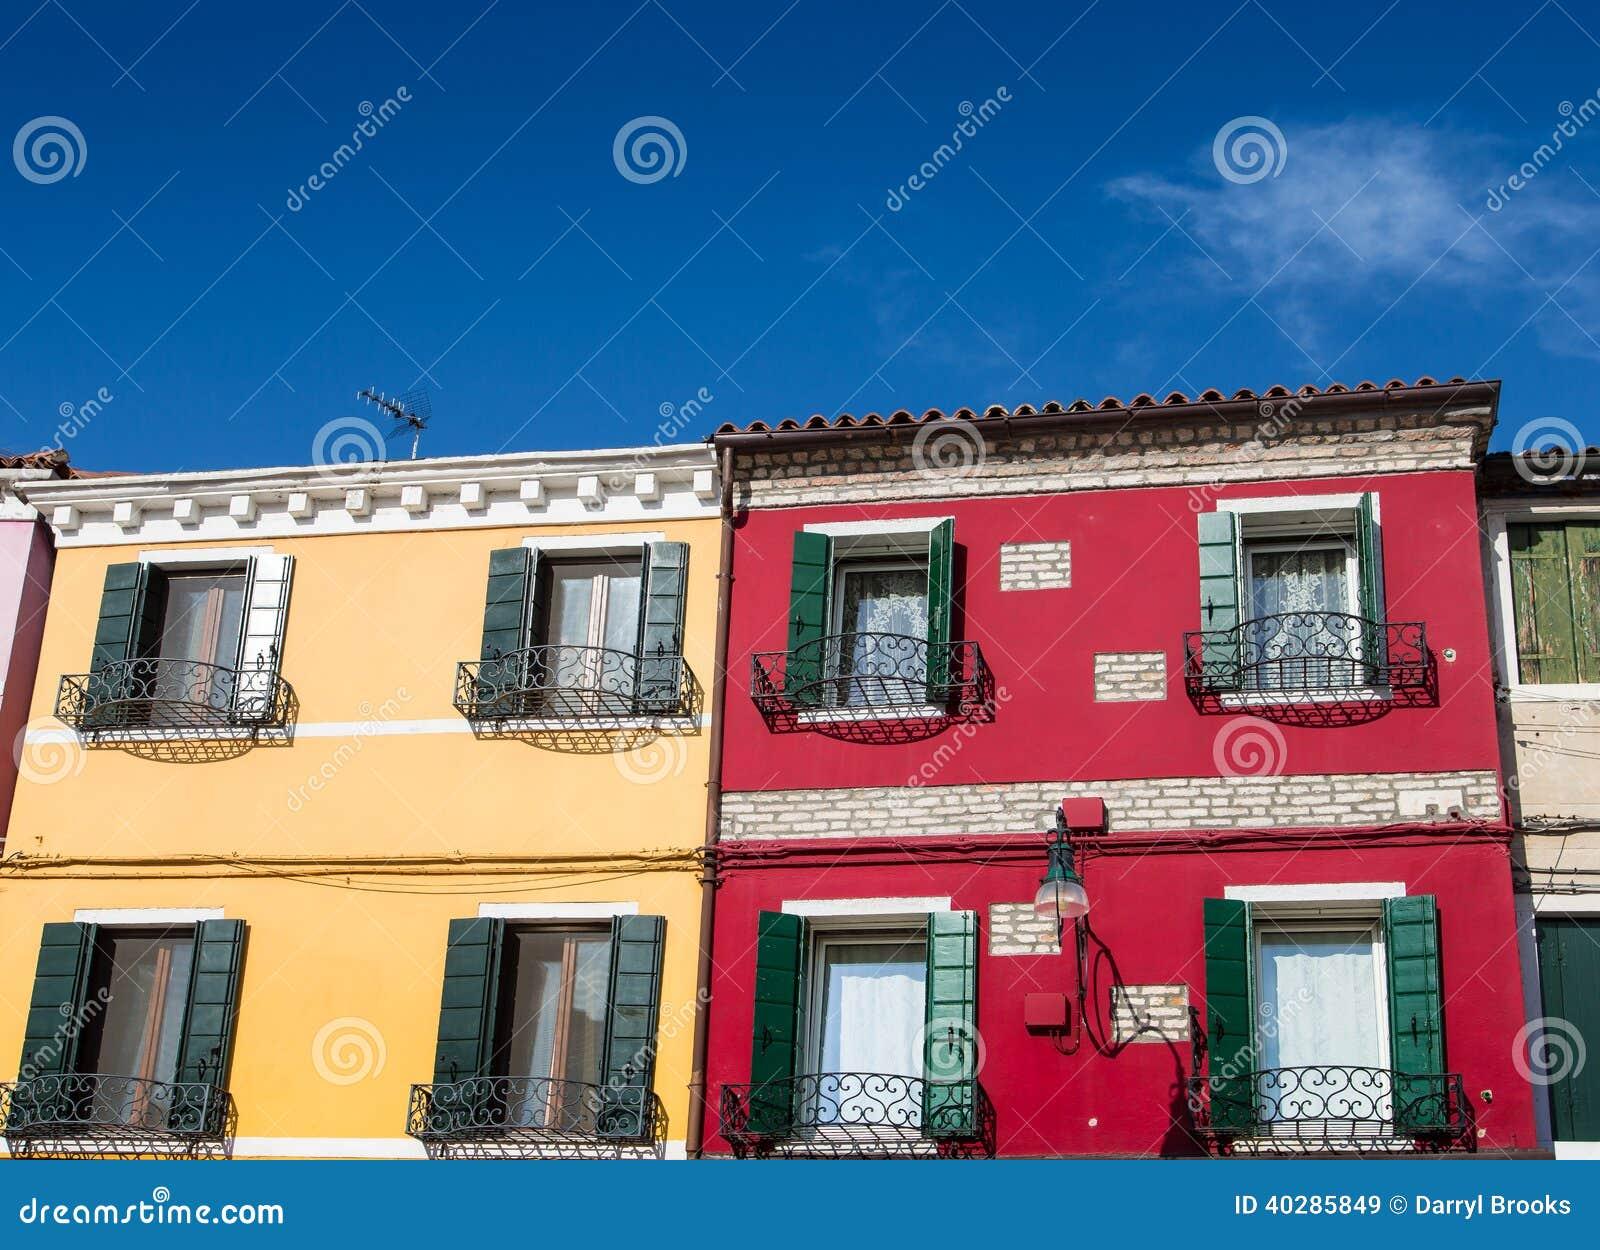 Rote Häuser Bilder gelbe und rote häuser in burano stockbild bild 40285849